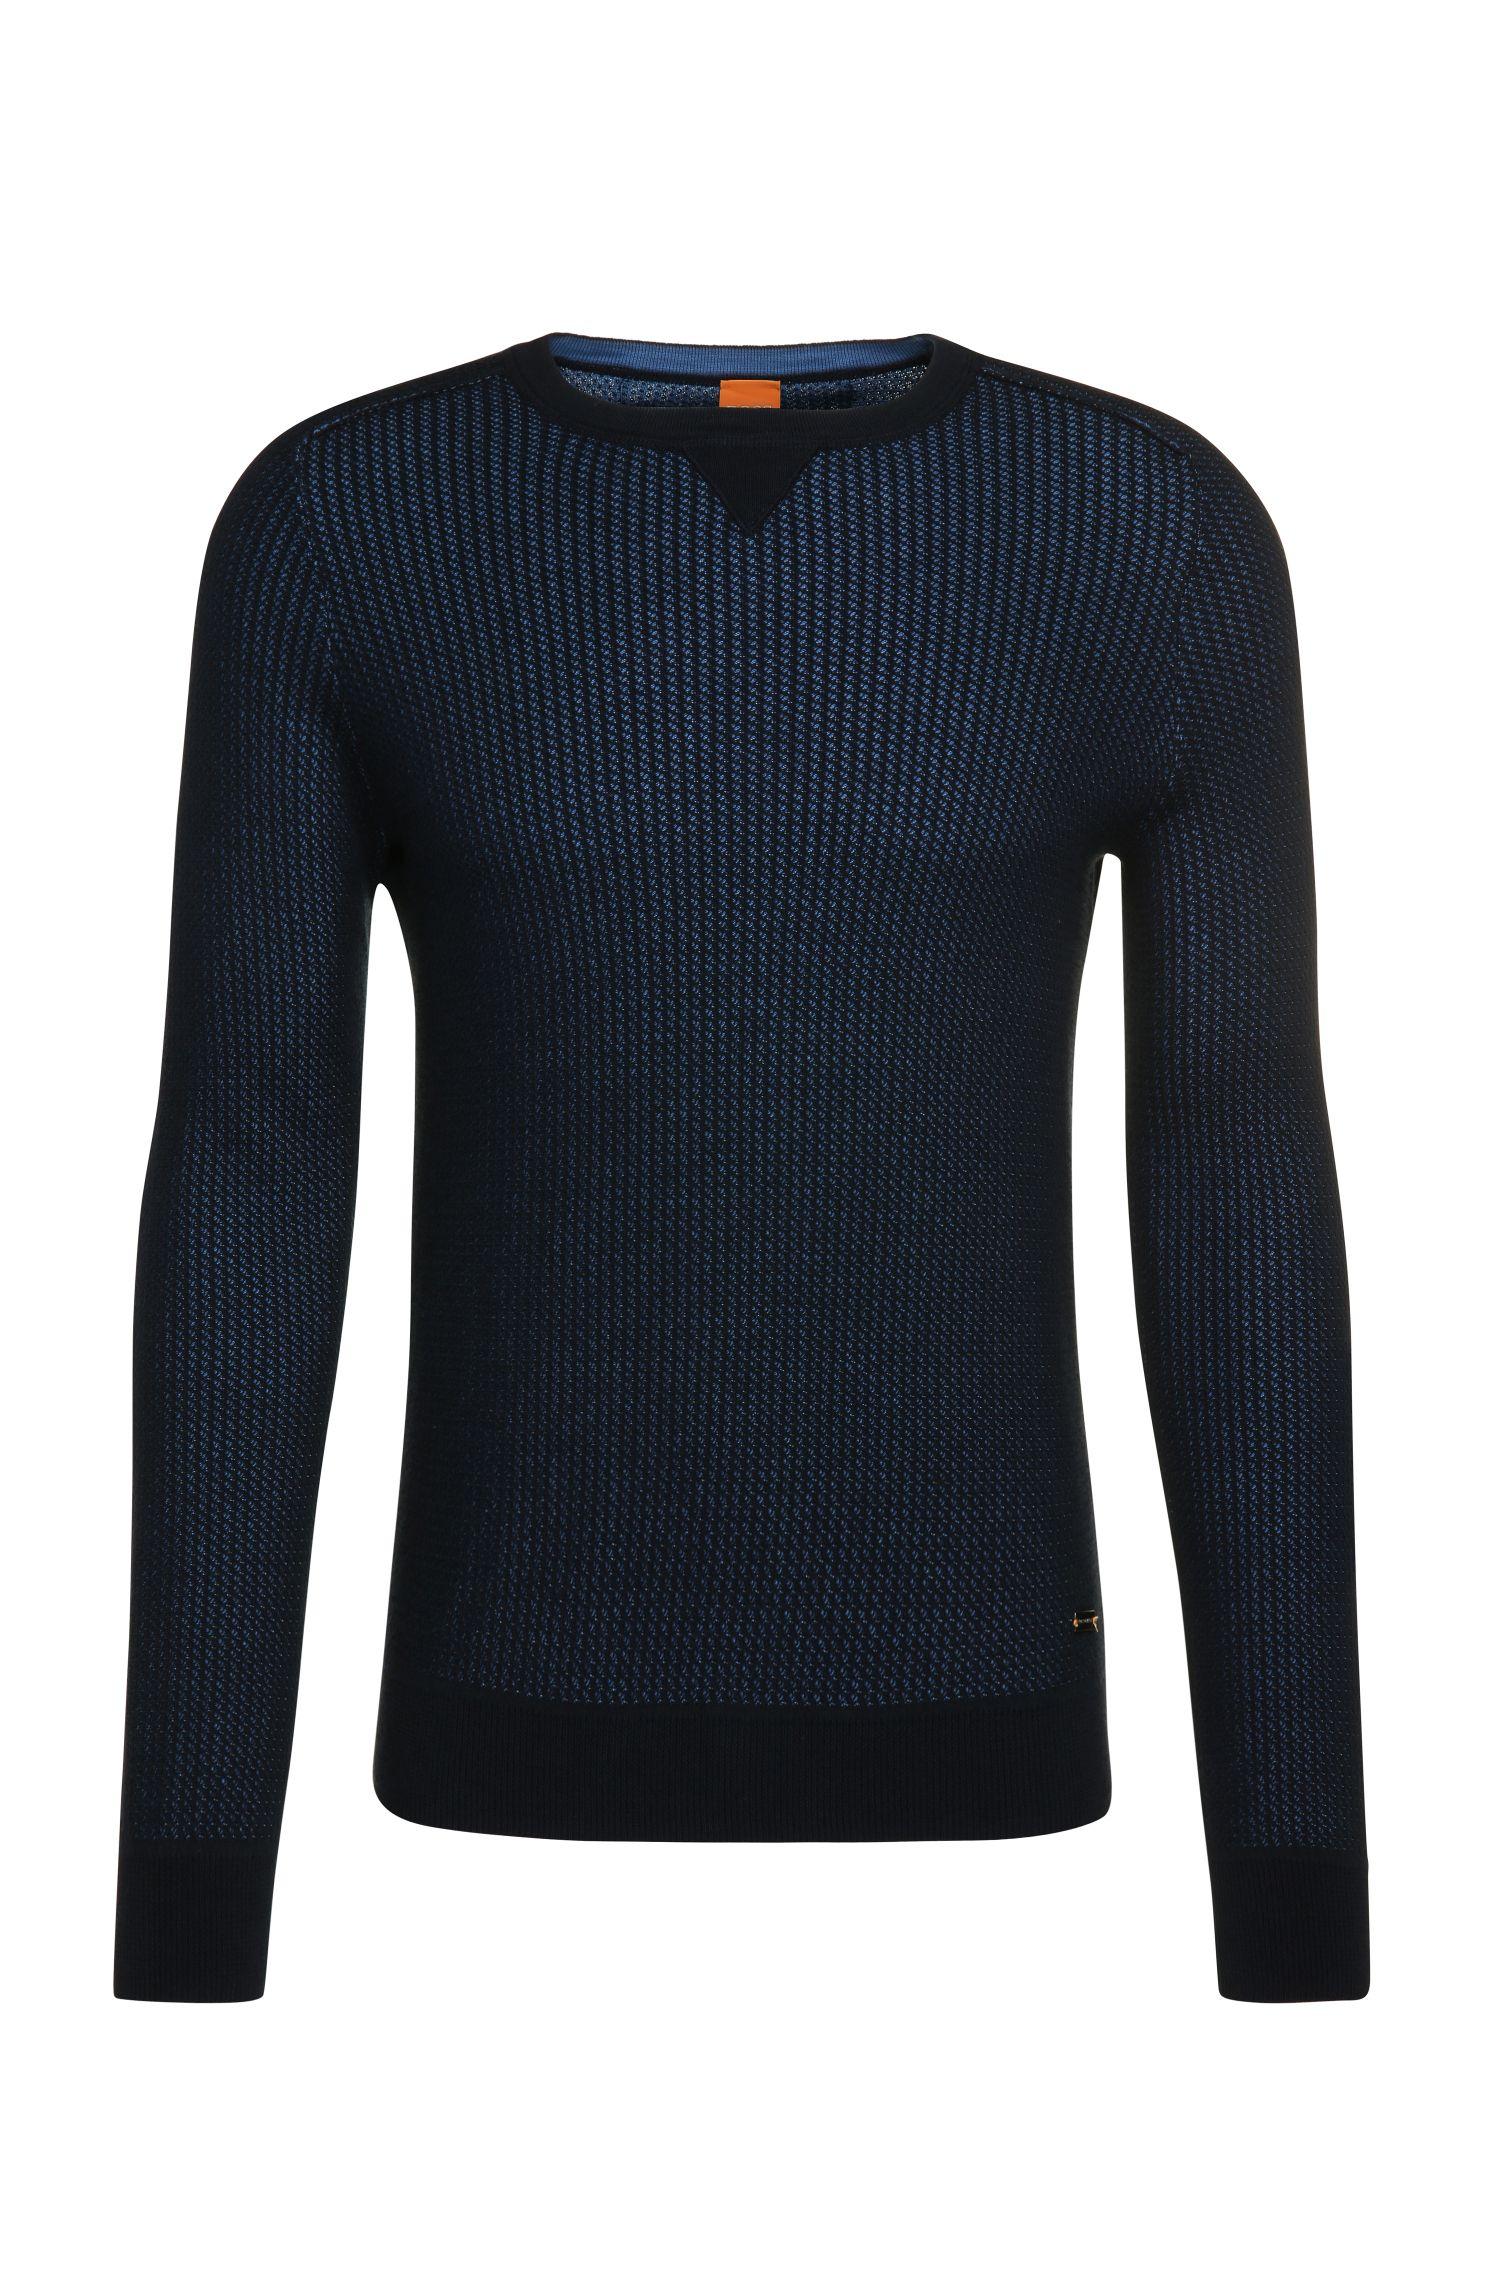 Knitwear sweater in cotton: 'Kawanan'